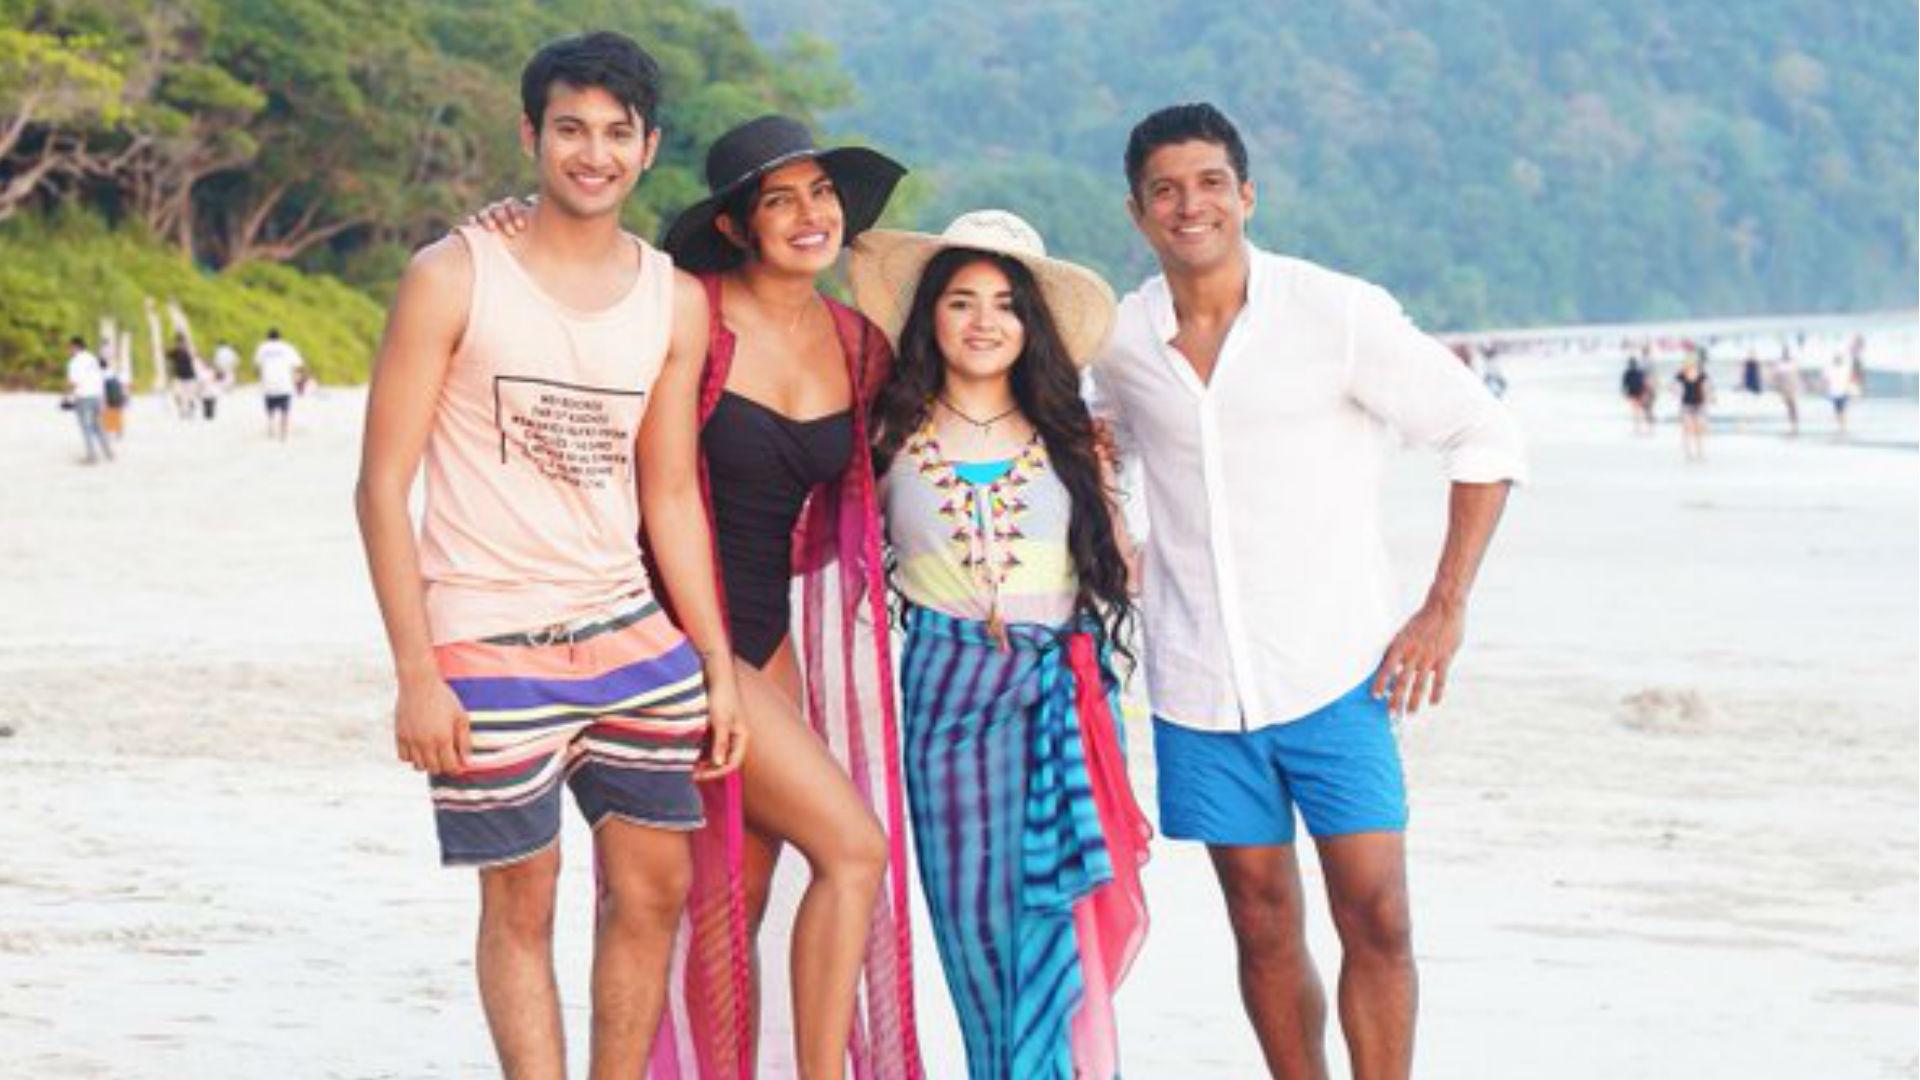 The Sky Is Pink: फिल्म के प्रीमियर के लिए टोरंटो रवाना हुईं प्रियंका चोपड़ा, क्या जाएंगी जायरा वसीम?